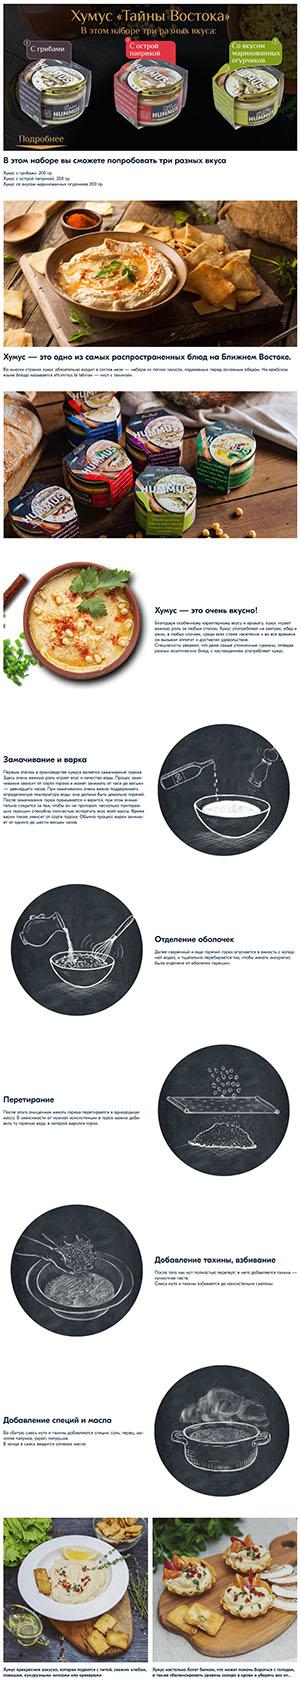 screencapture-ozon-ru-product-humus-tayny-vostoka-s-gribami-200-g-ostryy-s-paprikoy-200-g-so-vkusom-marinovannyh-ogurchikov-200-g-182677911-2021-08-03-10_56_50